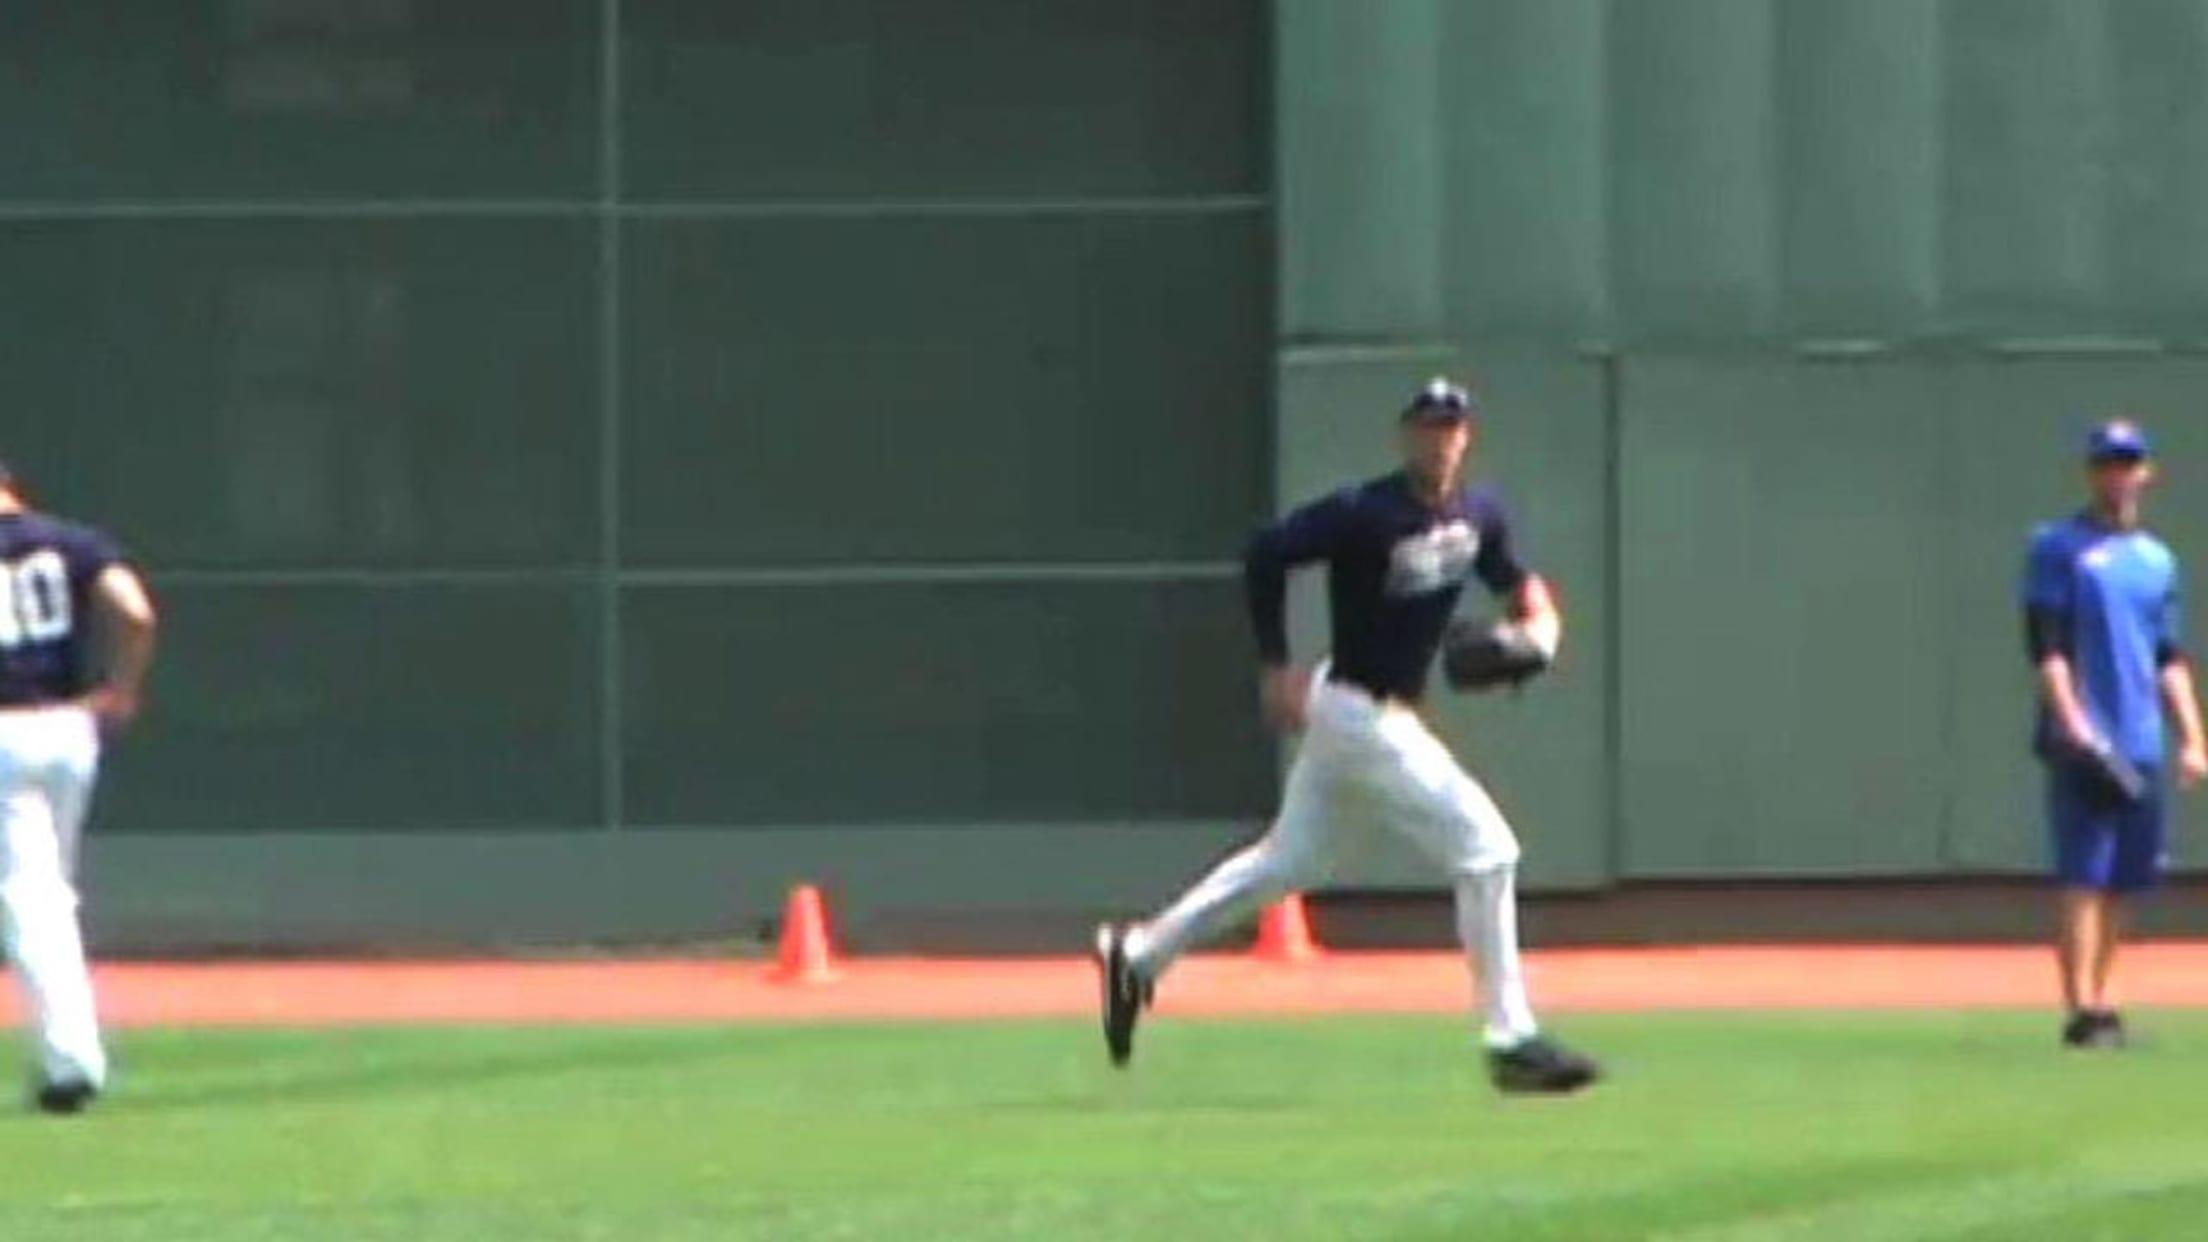 2013 Draft: Aaron Judge, OF